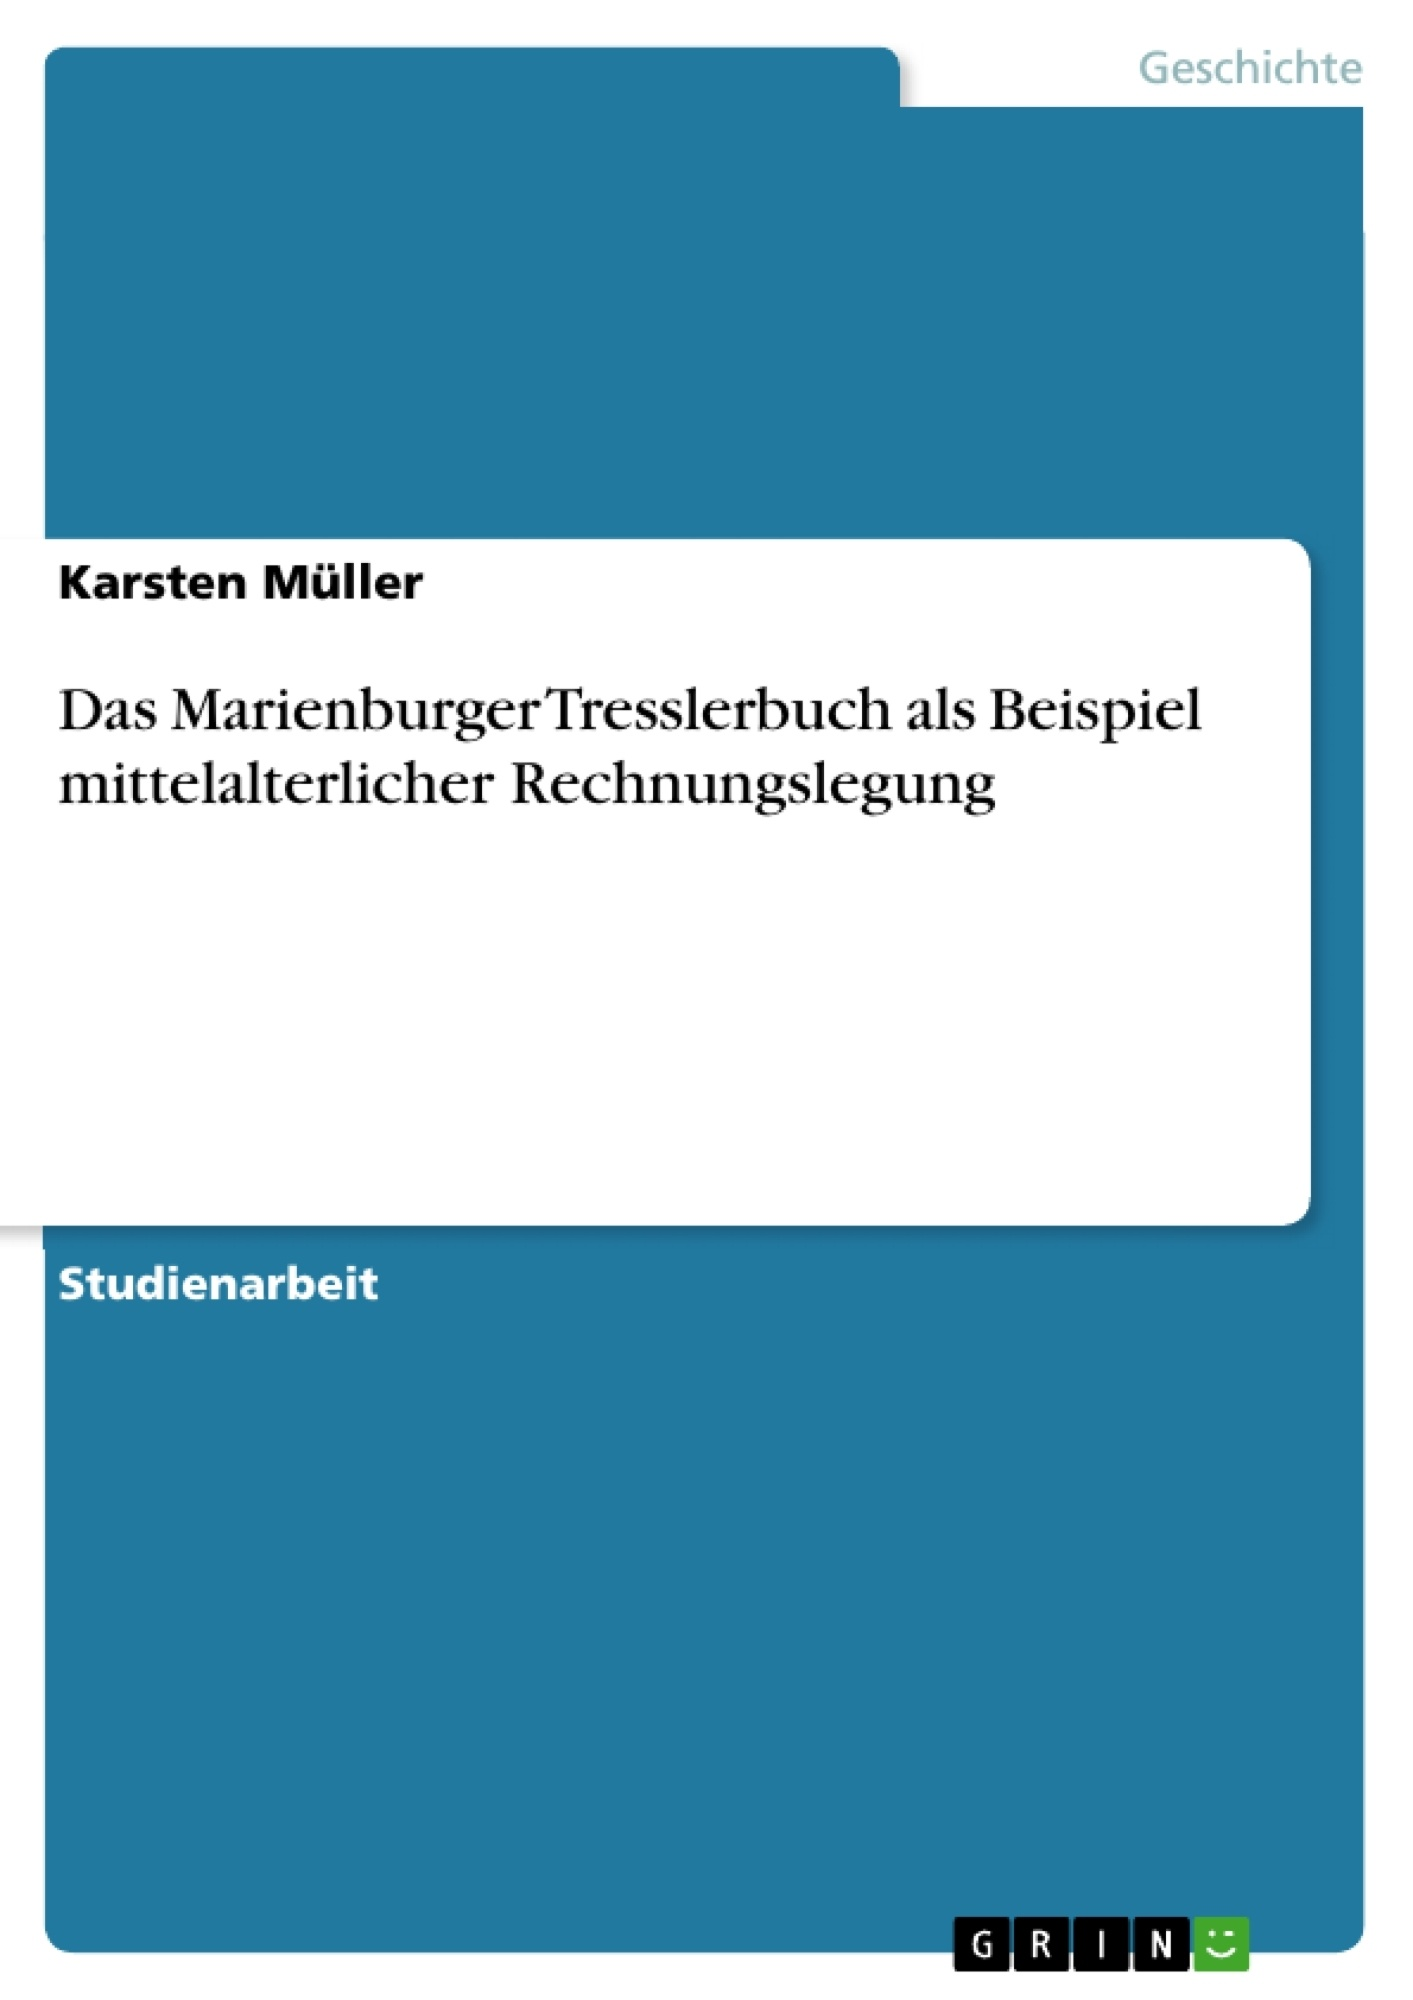 Titel: Das Marienburger Tresslerbuch als Beispiel mittelalterlicher Rechnungslegung